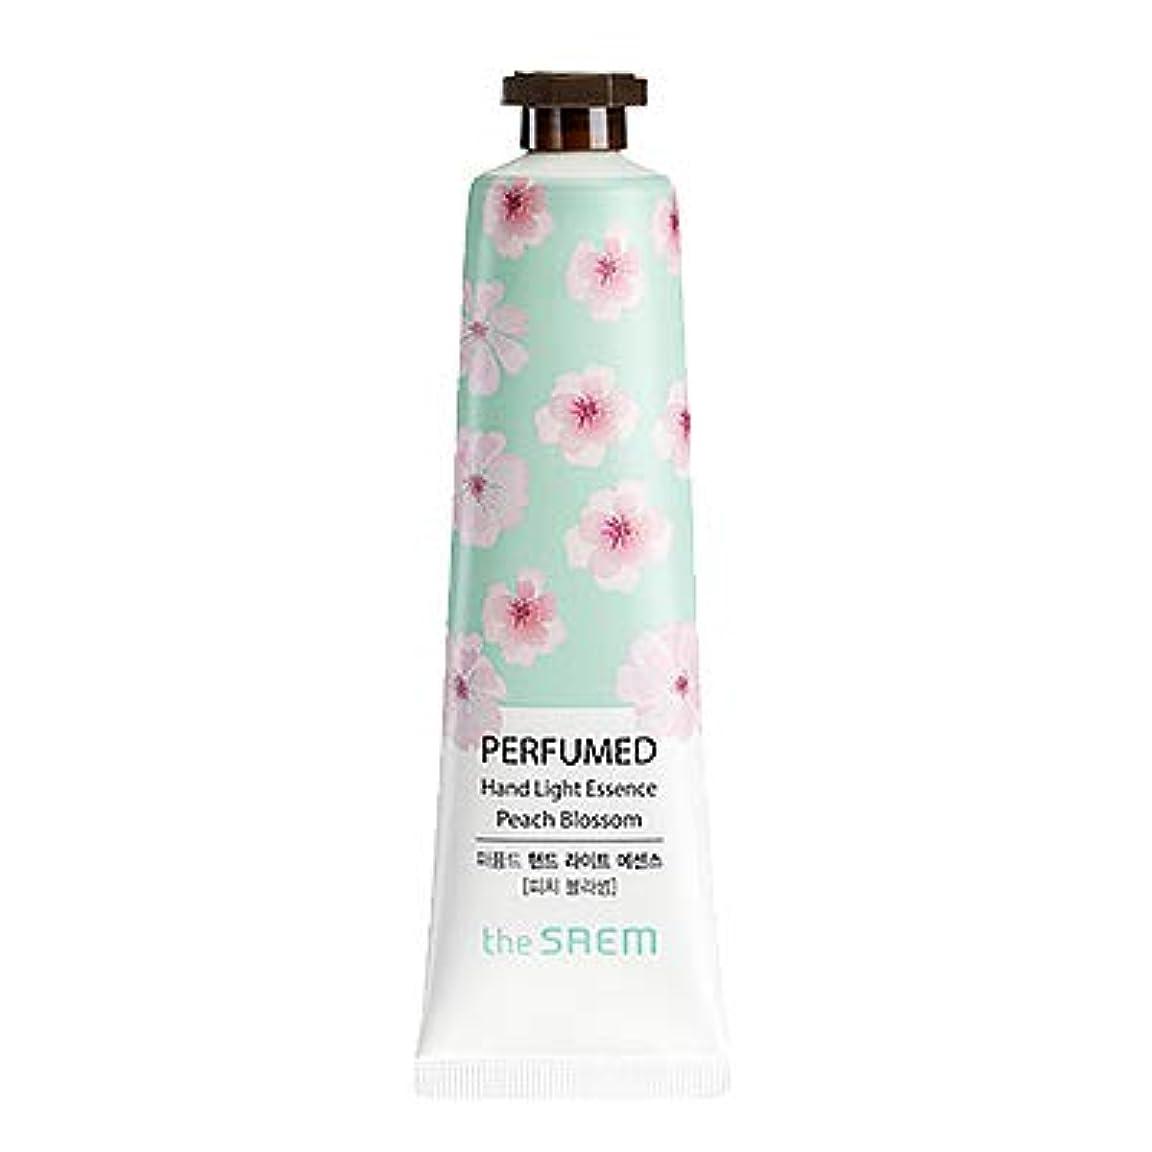 バンク炎上キャメルtheSAEM ザセム パヒューム ハンド ライト エッセンス ハンドクリーム PERFUMED HAND LIGHT ESSENCE 韓国コスメ (E-Peach Blossom(ピーチブロッサム))